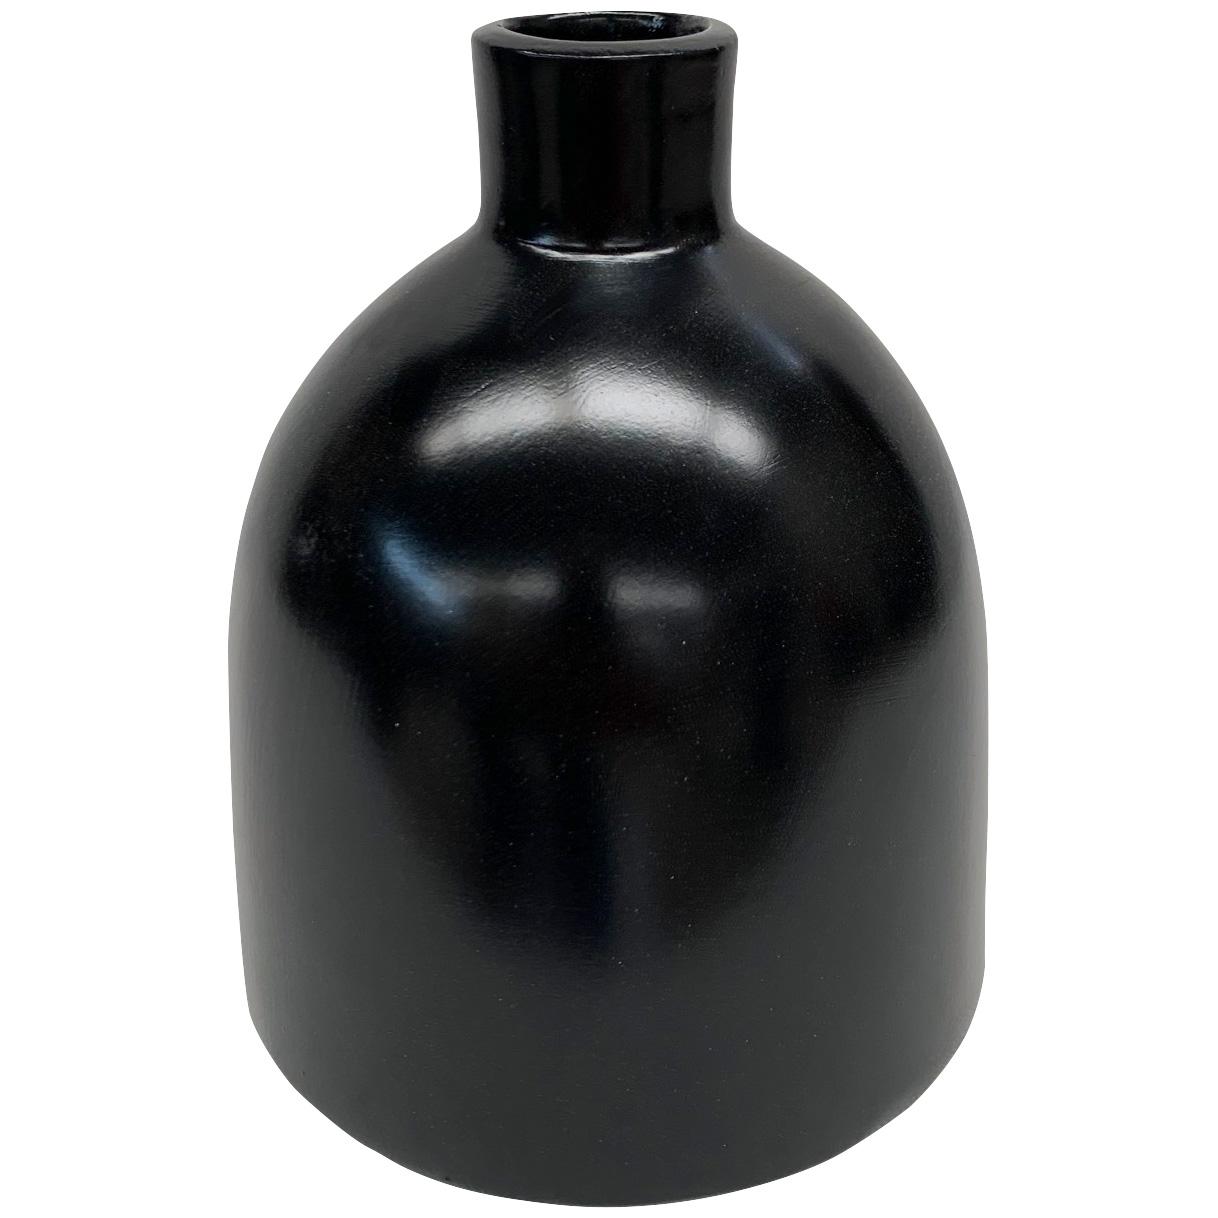 Promart | Terracotta Florero Black Medium Bottle Vase